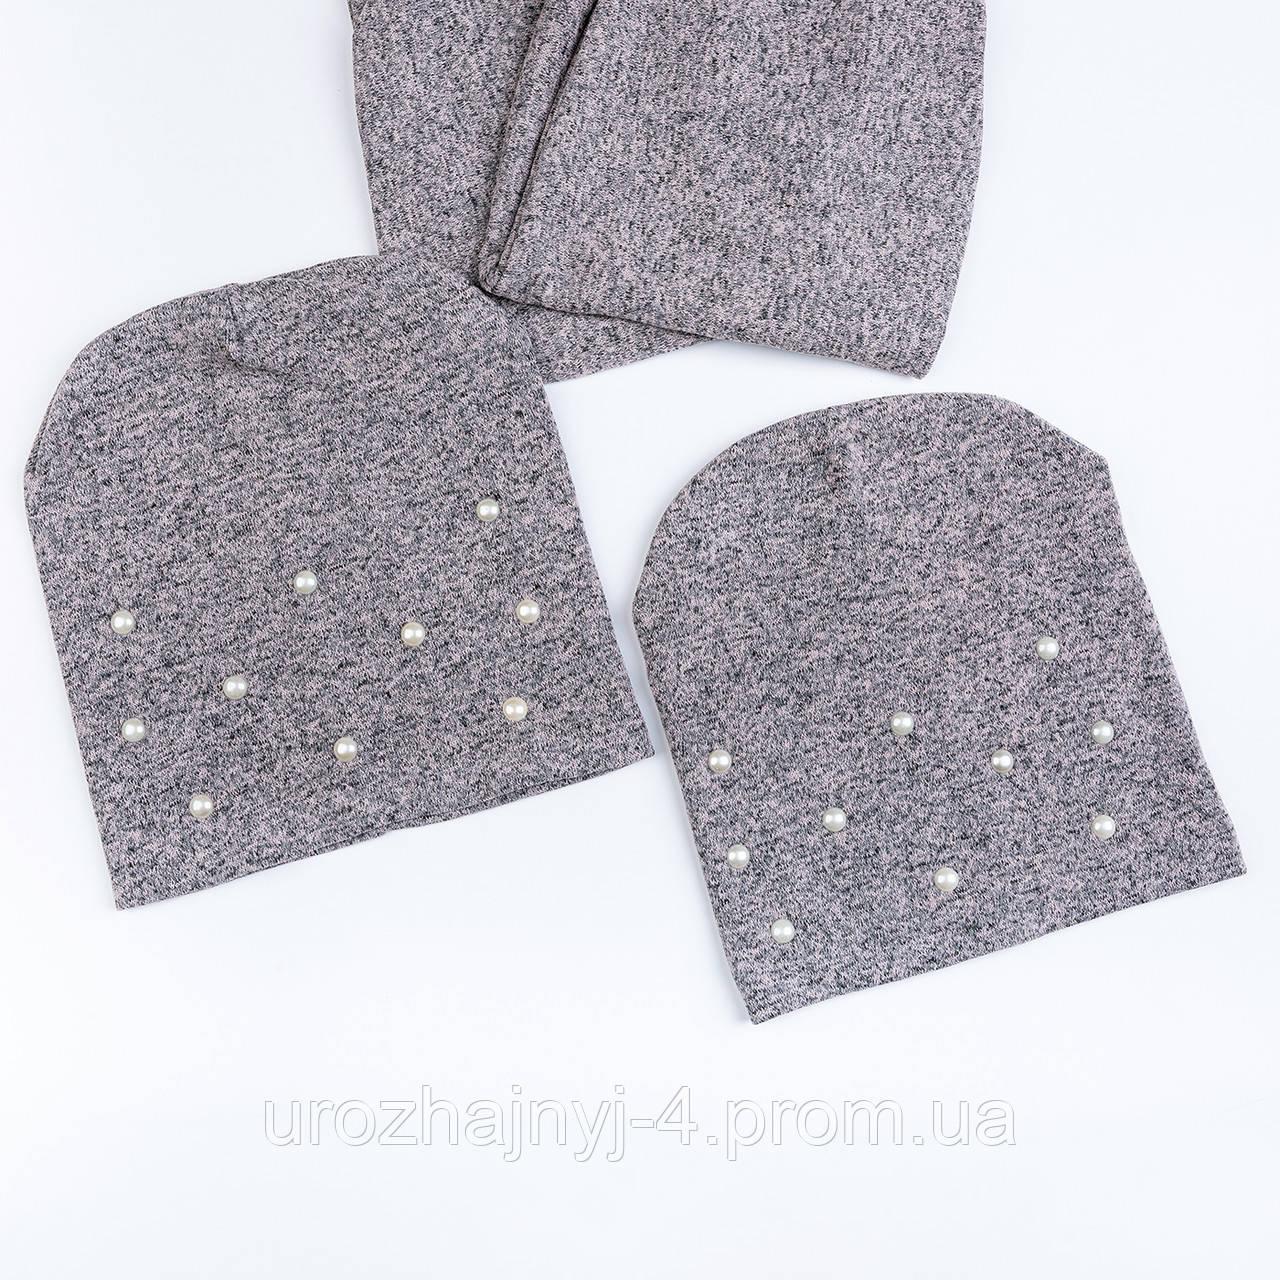 Трикотажный комплект шапка и хомут на подкладке х/б р50-52 поштучно